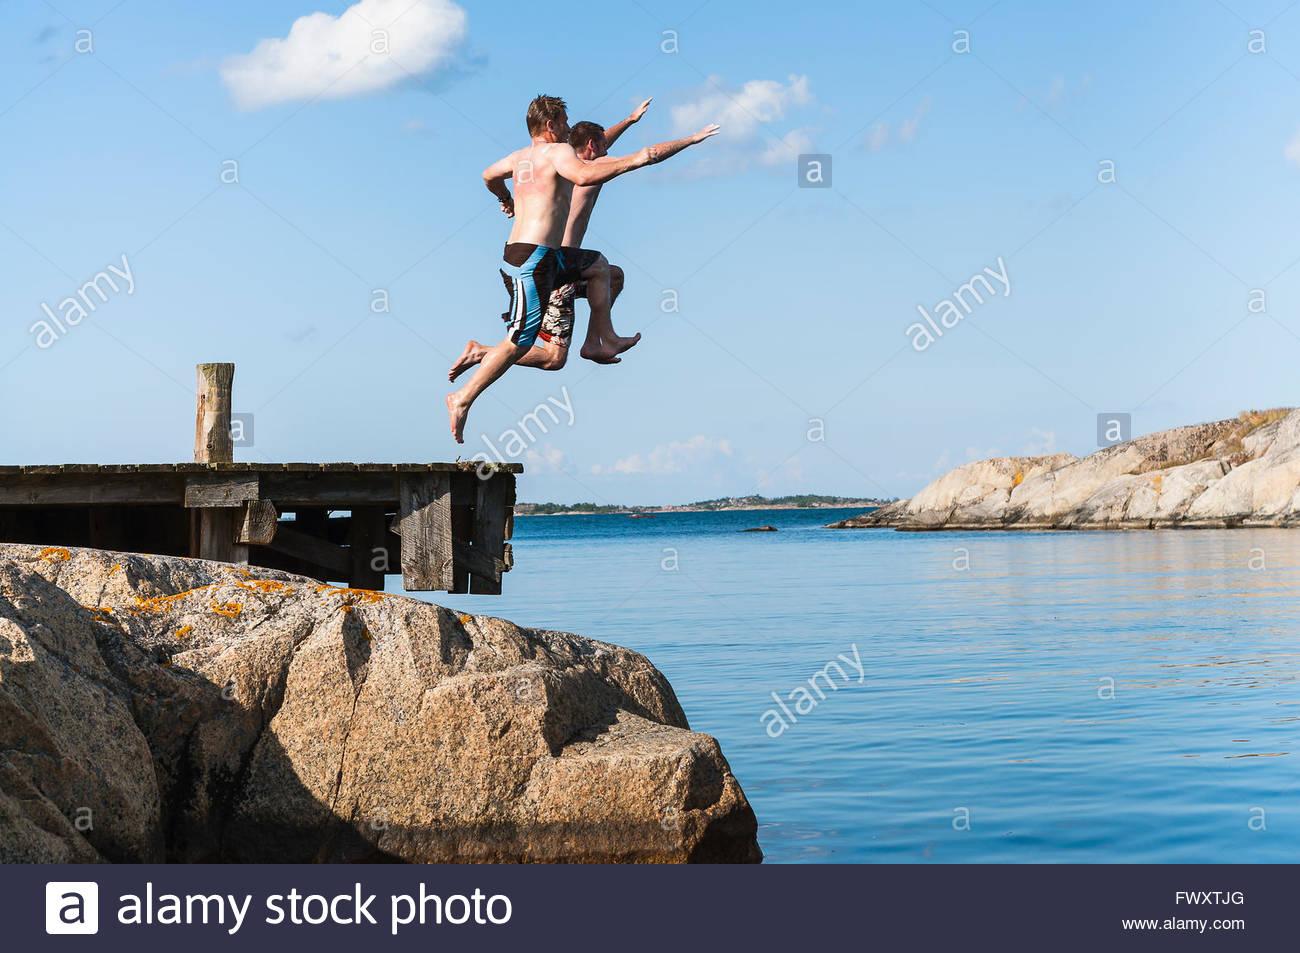 La Svezia, arcipelago di Stoccolma, Uppland, Vidinge, due uomini saltando nel lago dal jetty Immagini Stock